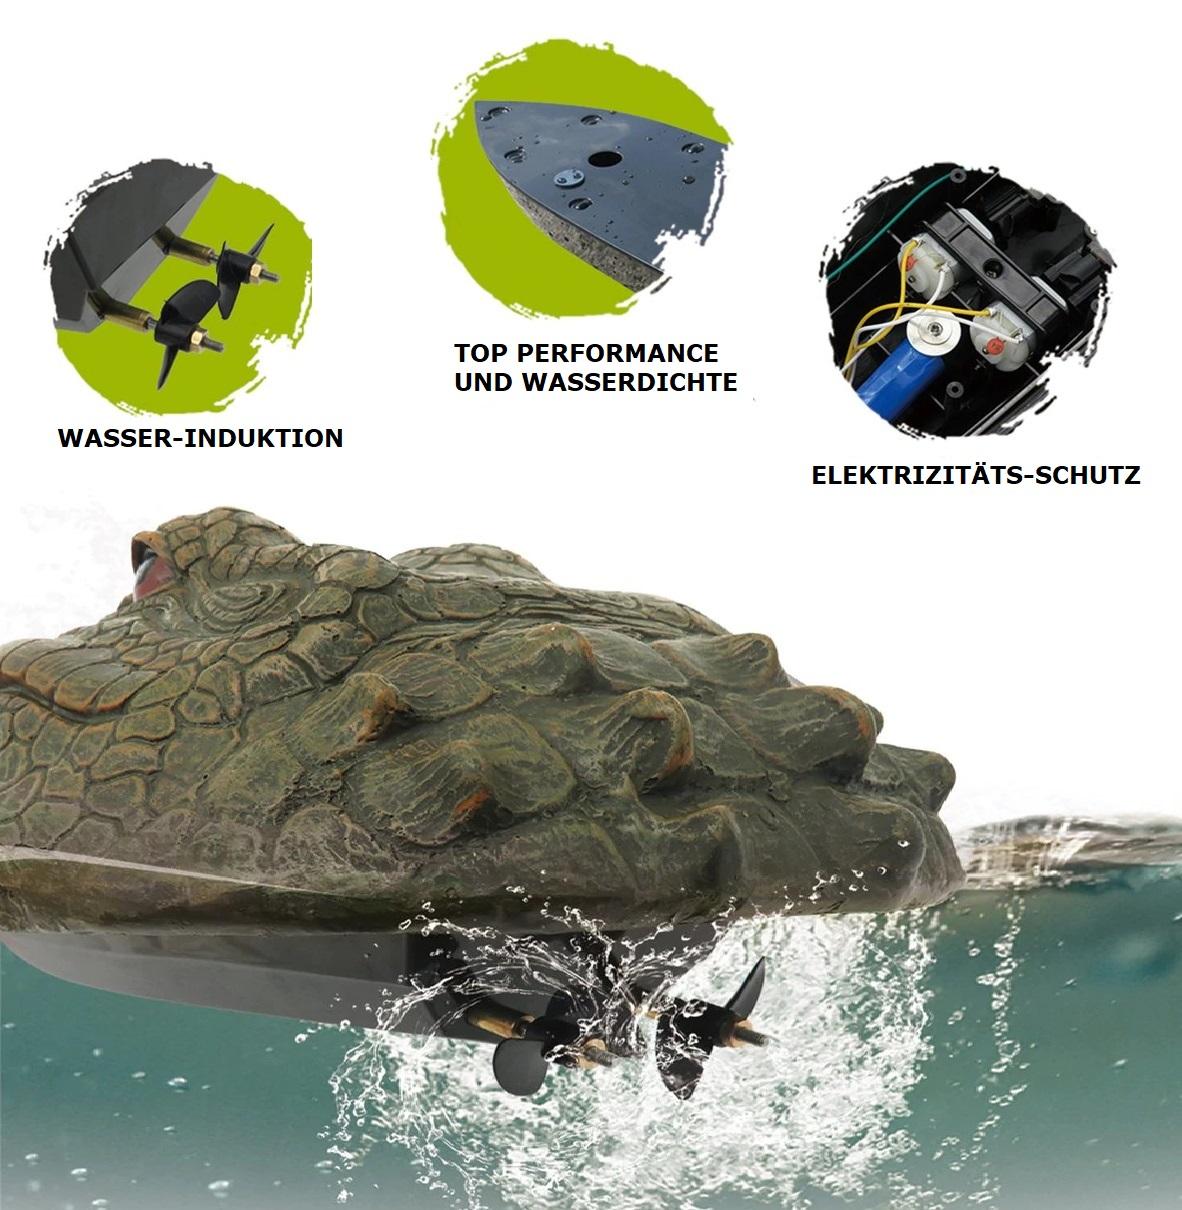 ferngesteuer Alligator-Kopf Boot, ferngesteuerter Alligator Onlineshop Schweiz,Krokodil Kopf mit Fernbedienung,